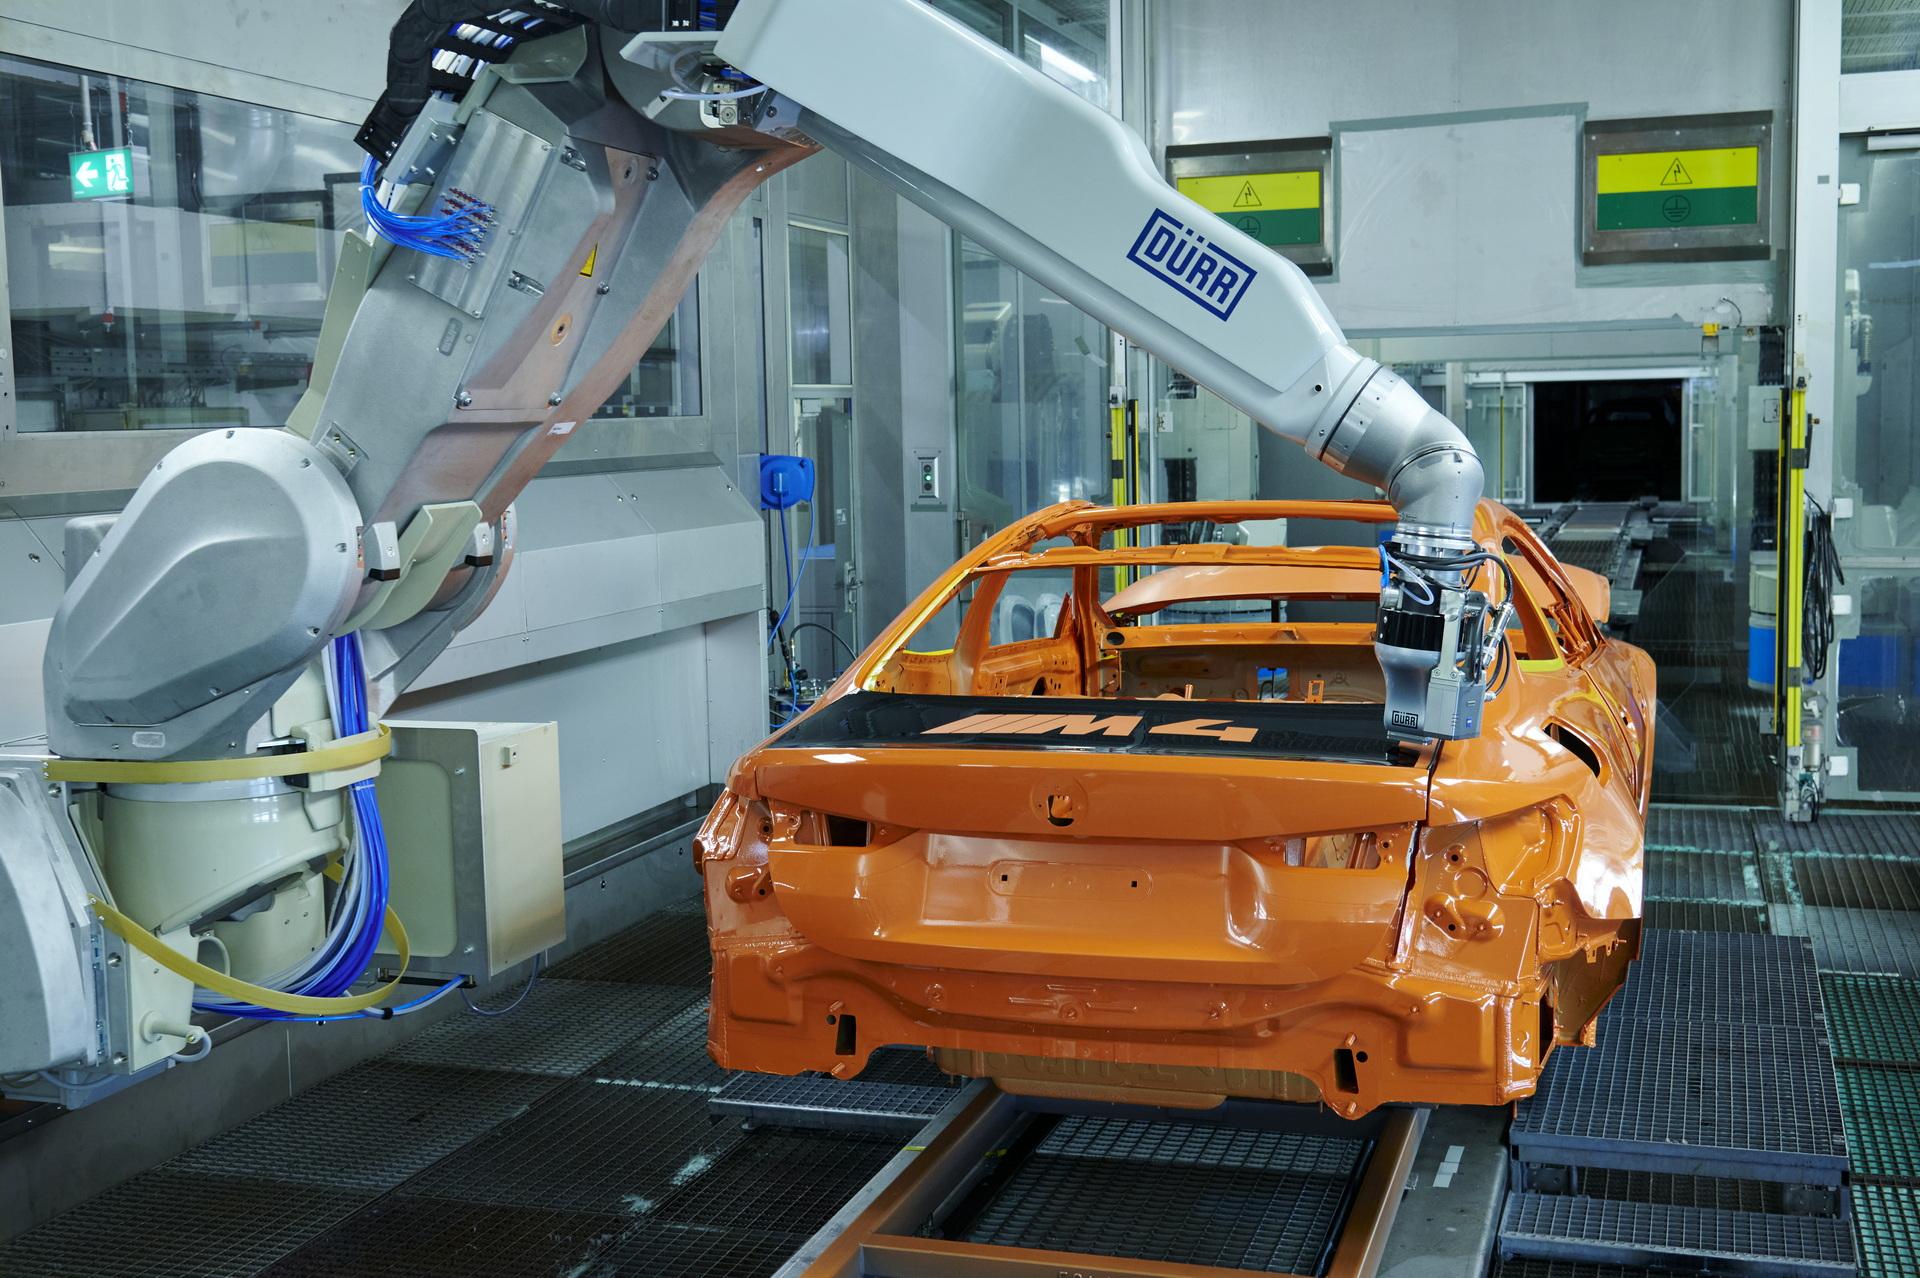 2022 Bmw M4 Ecopaintjet Pro Process 5